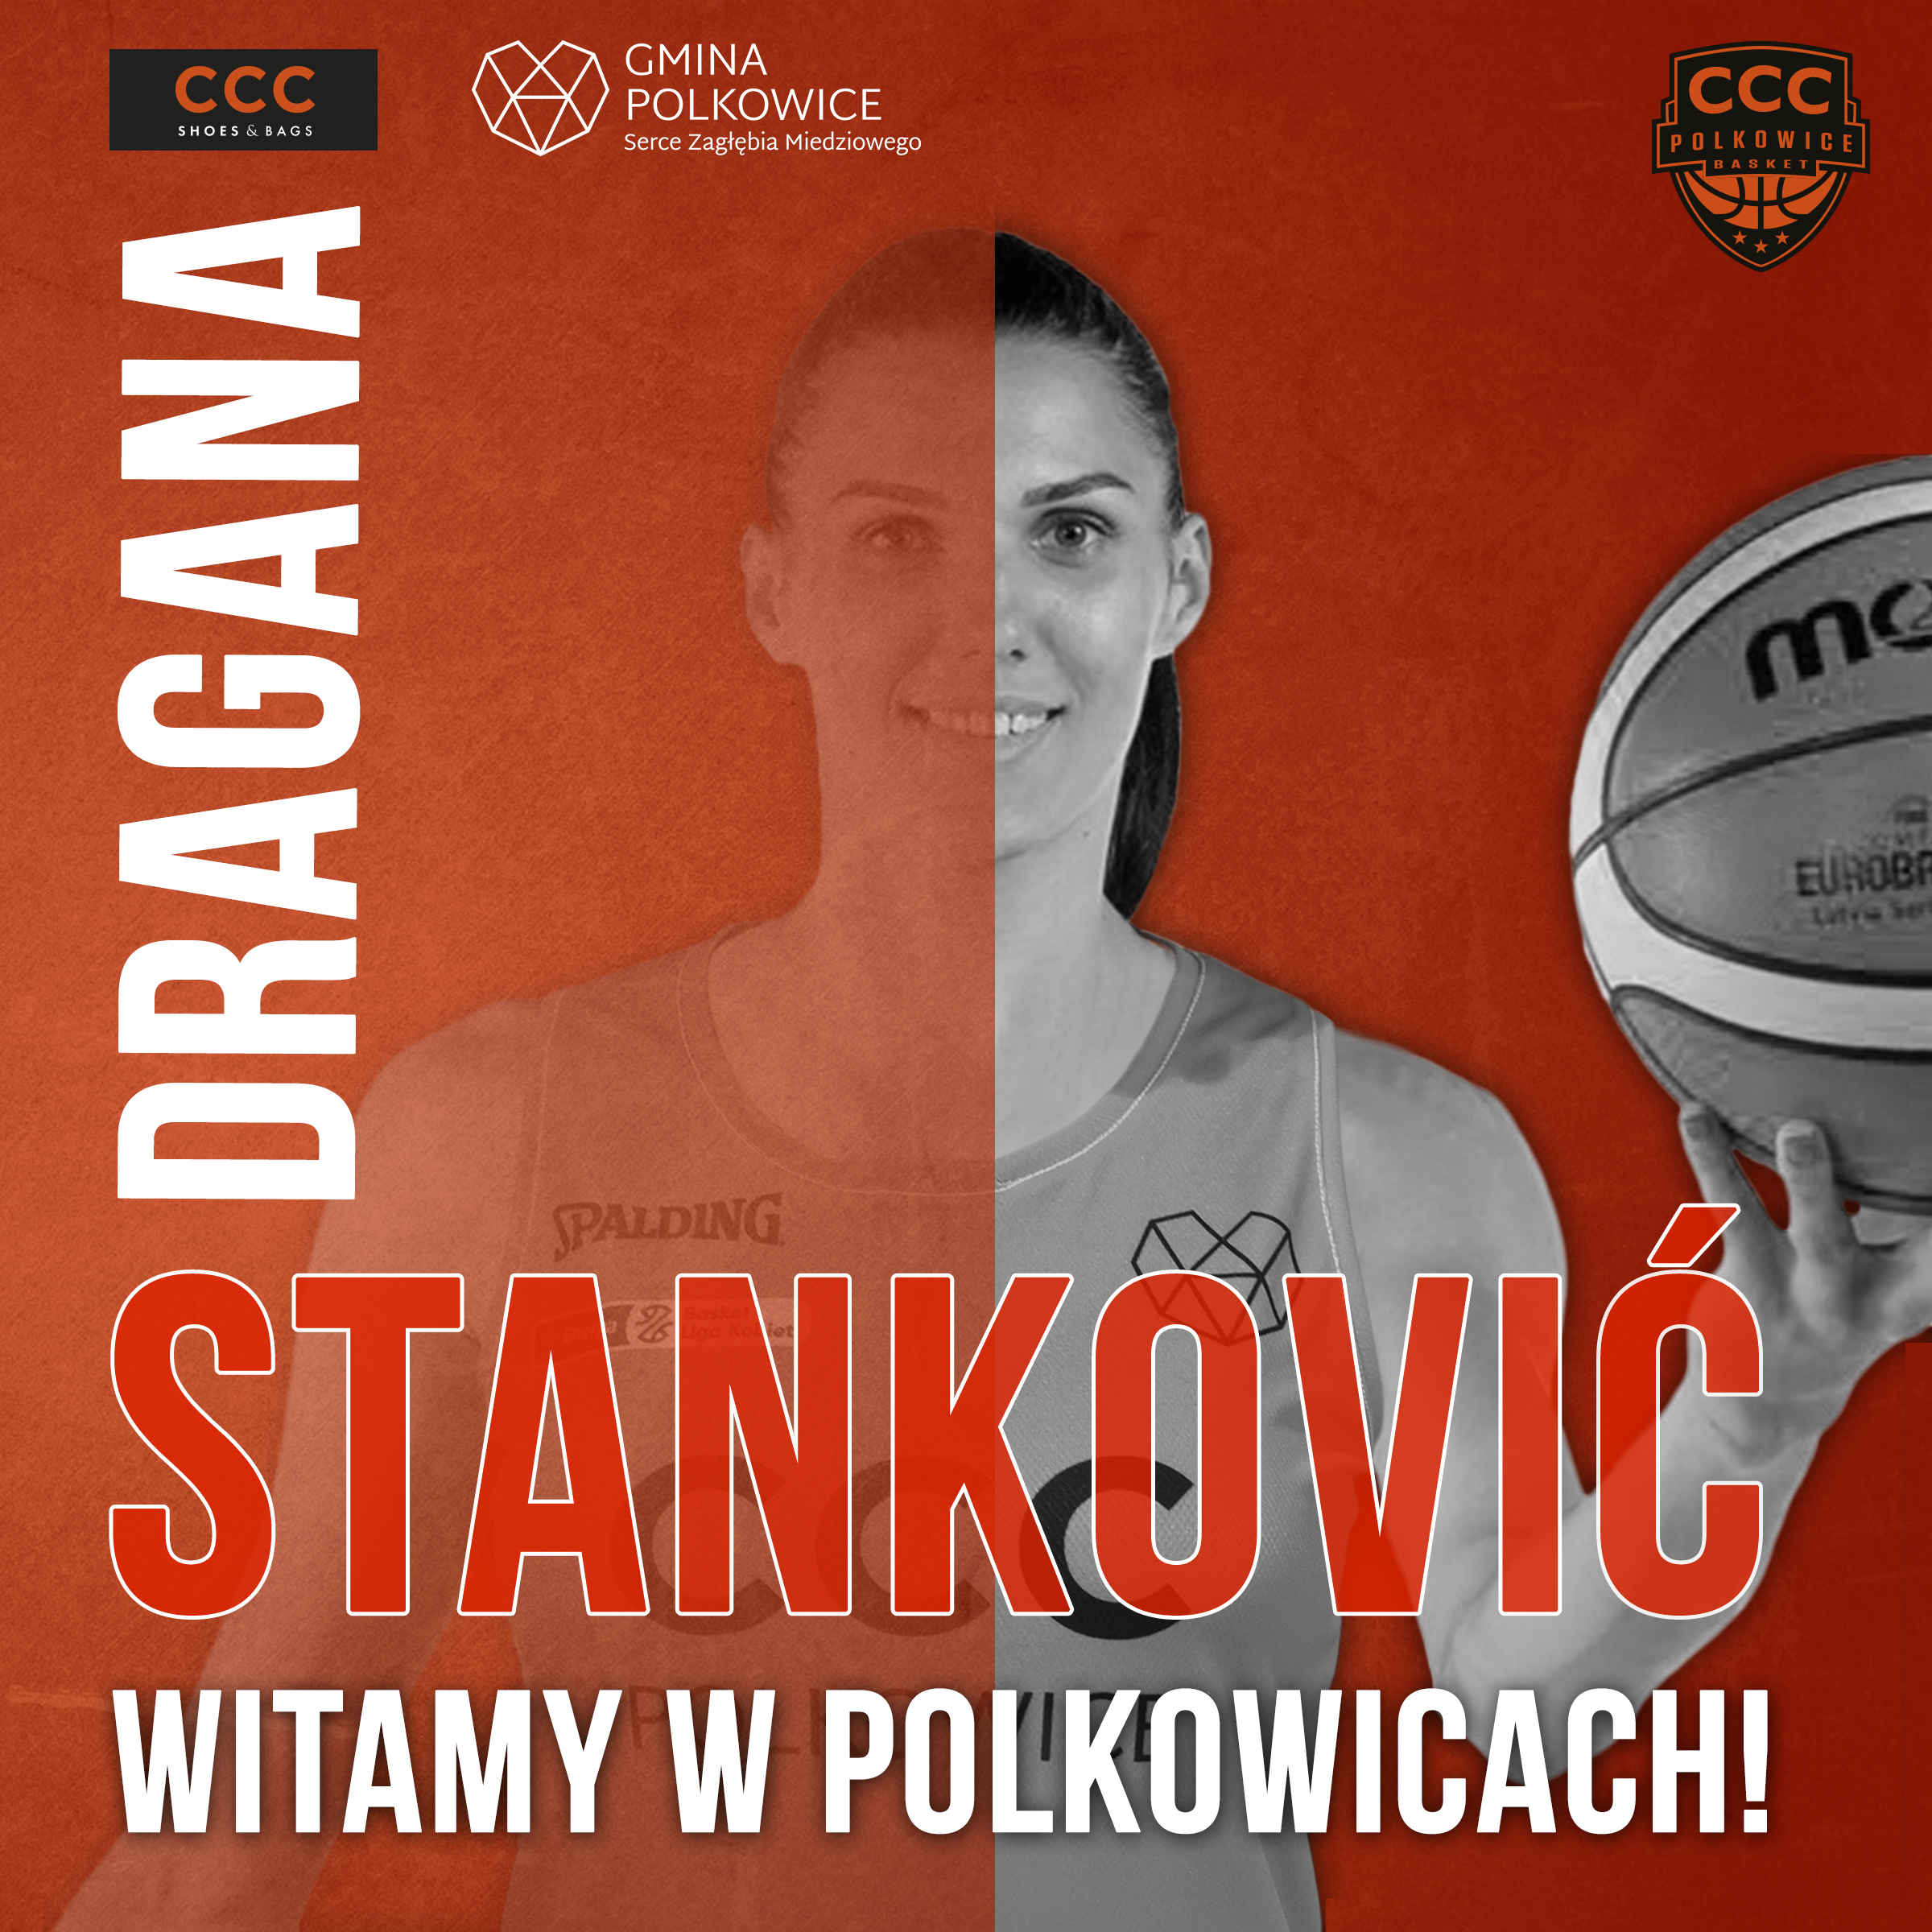 Dragana Stanković